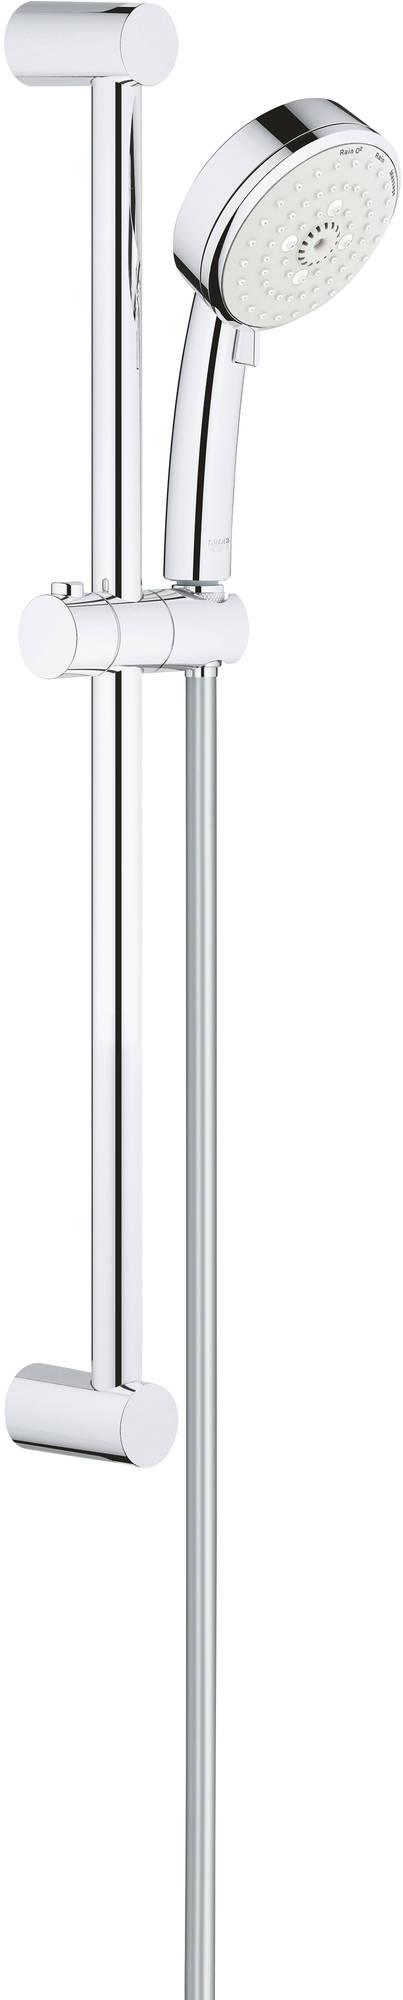 Grohe New Tempesta Cosmopolitan Glijstangset III 60 cm Chroom